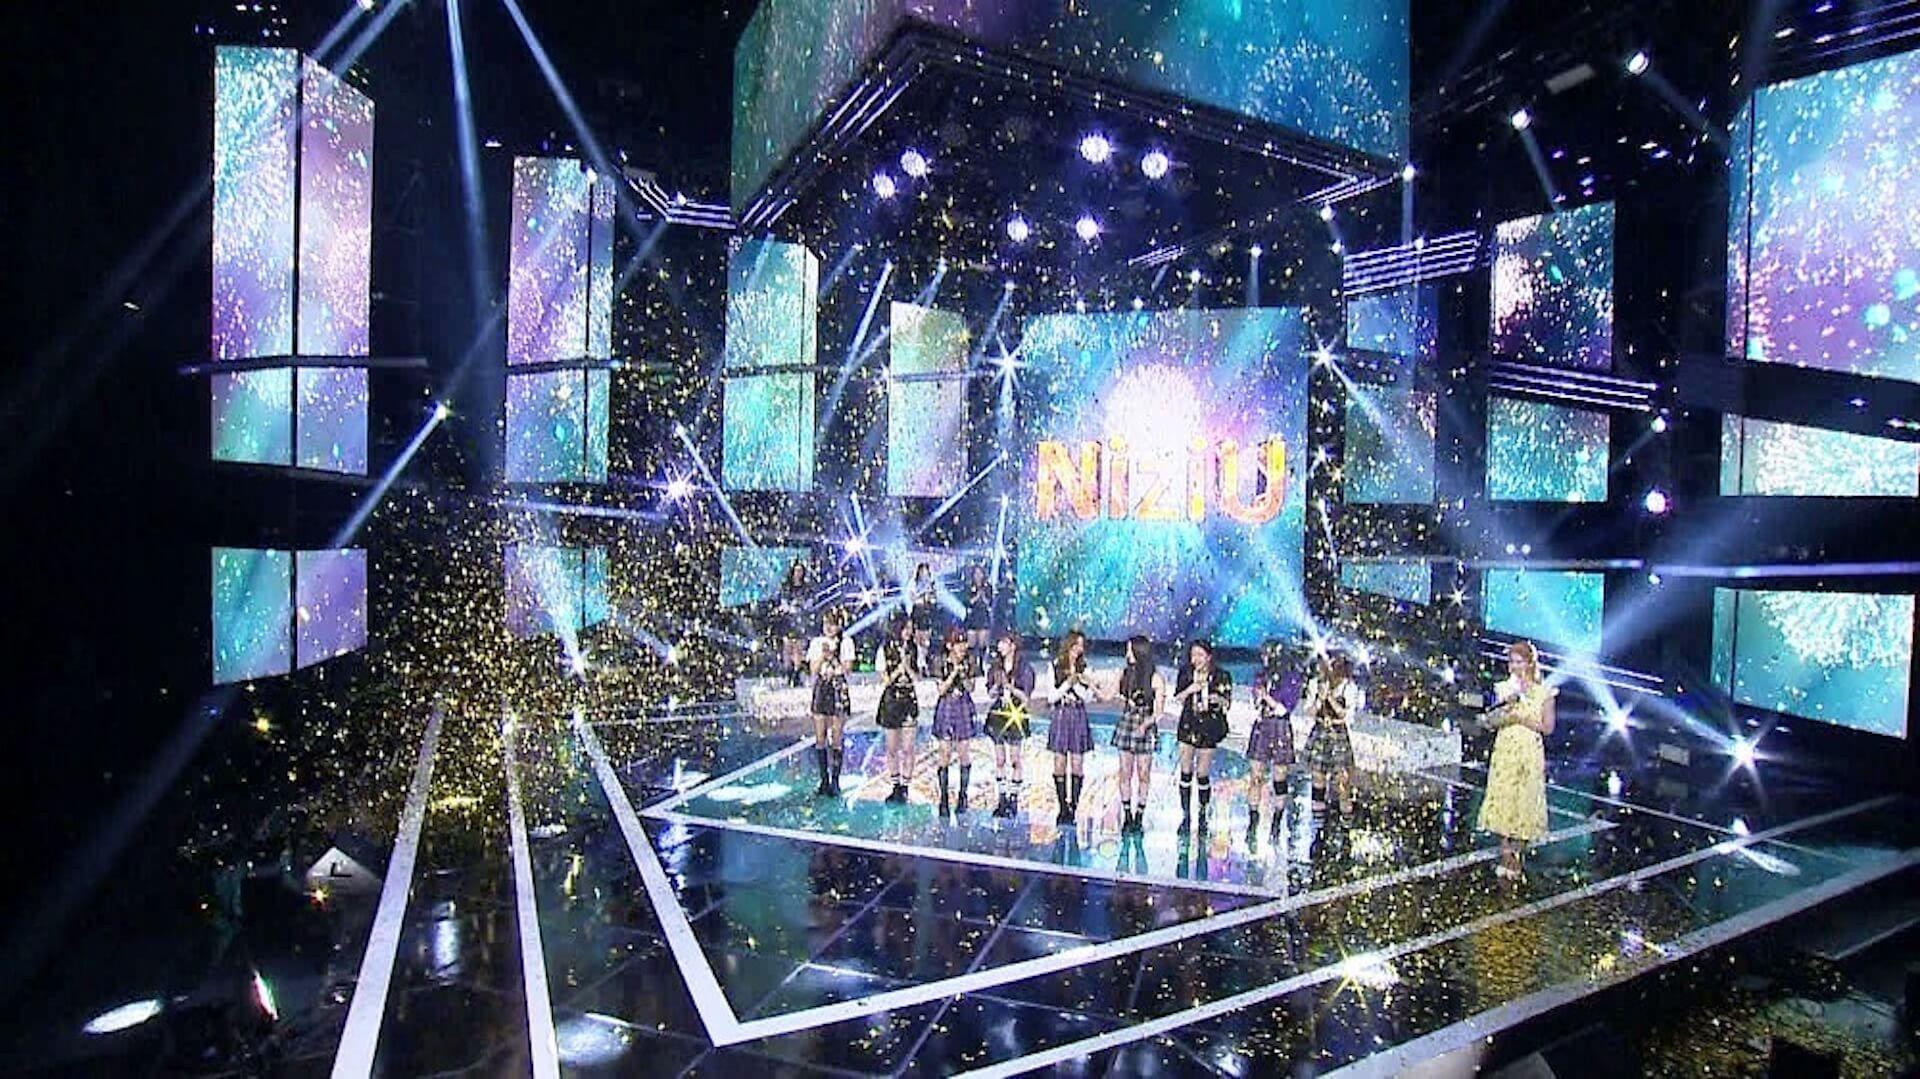 本日完結のNizi Projectから新グループNiziUが誕生!ミニアルバムで急遽プレデビュー決定 music200626_niziu_7